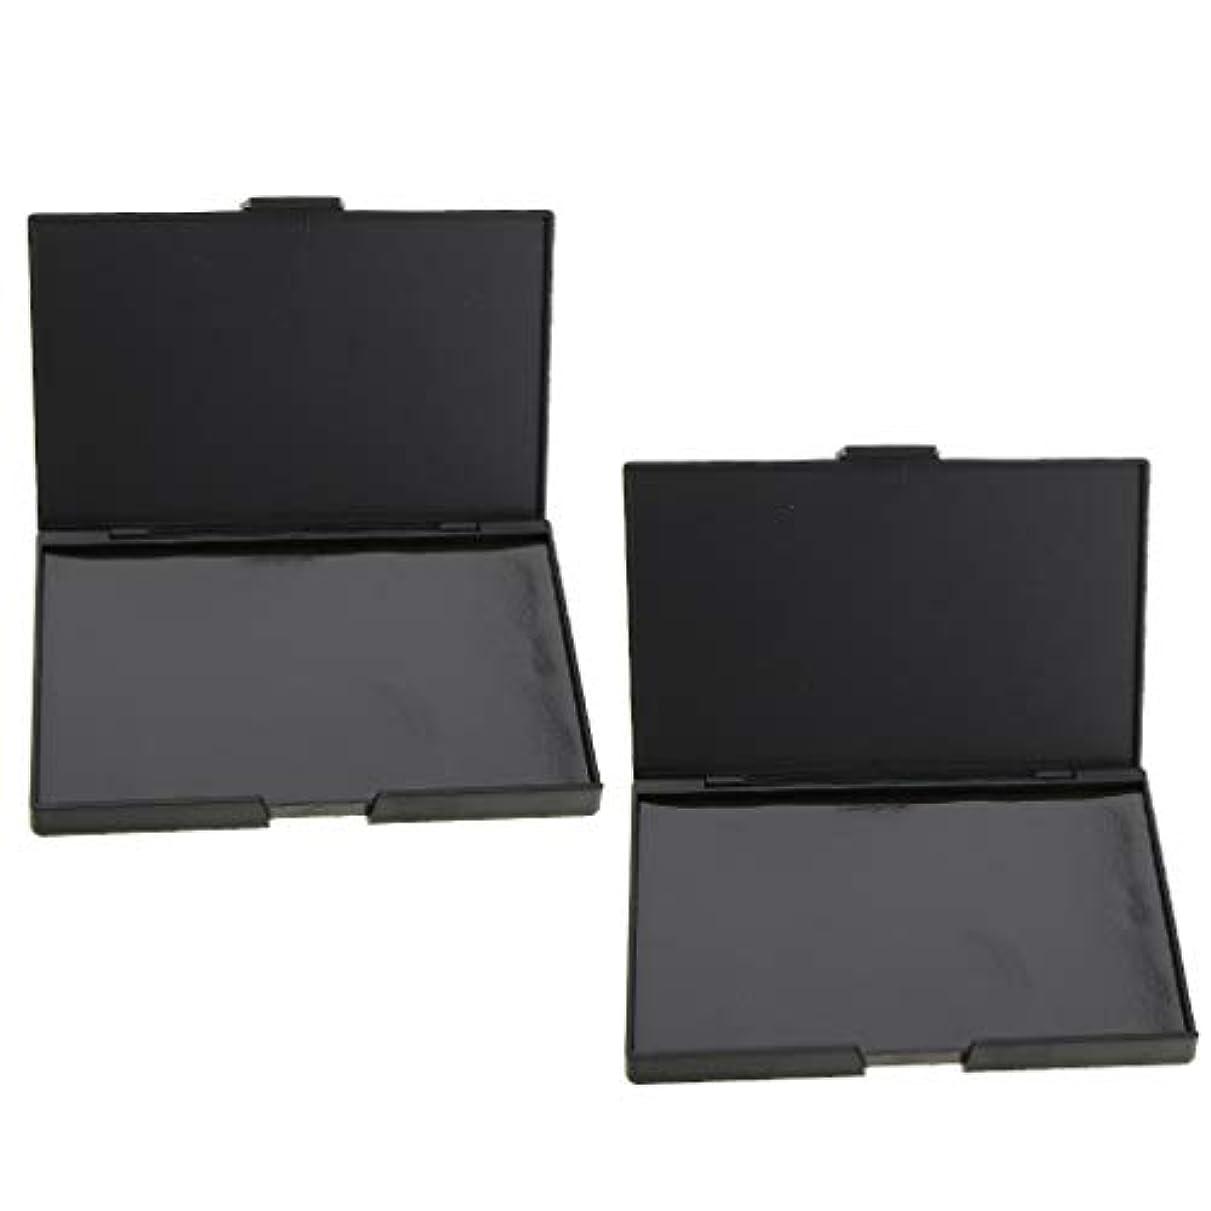 いくつかの説得力のあるツイン2個 磁気パレット メイクアップケース コスメ 化粧品 DIY 手作り